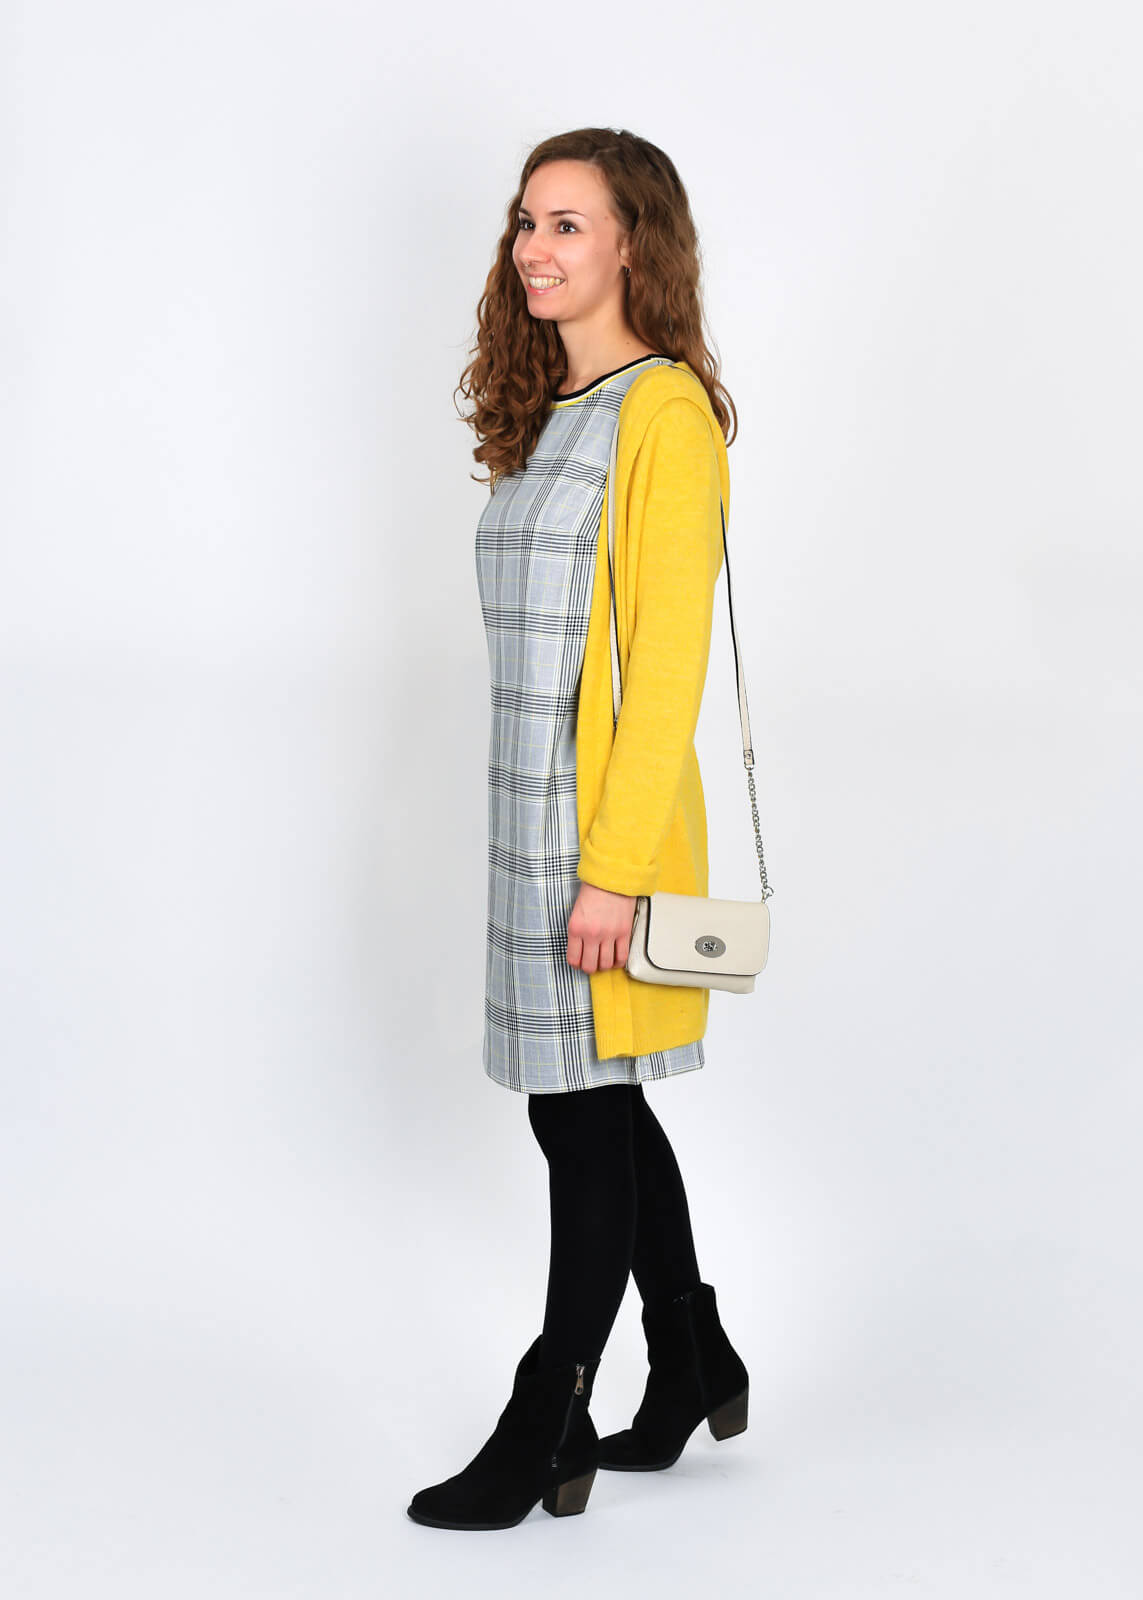 styling-tipps für kleider & röcke in der kalten jahreszeit